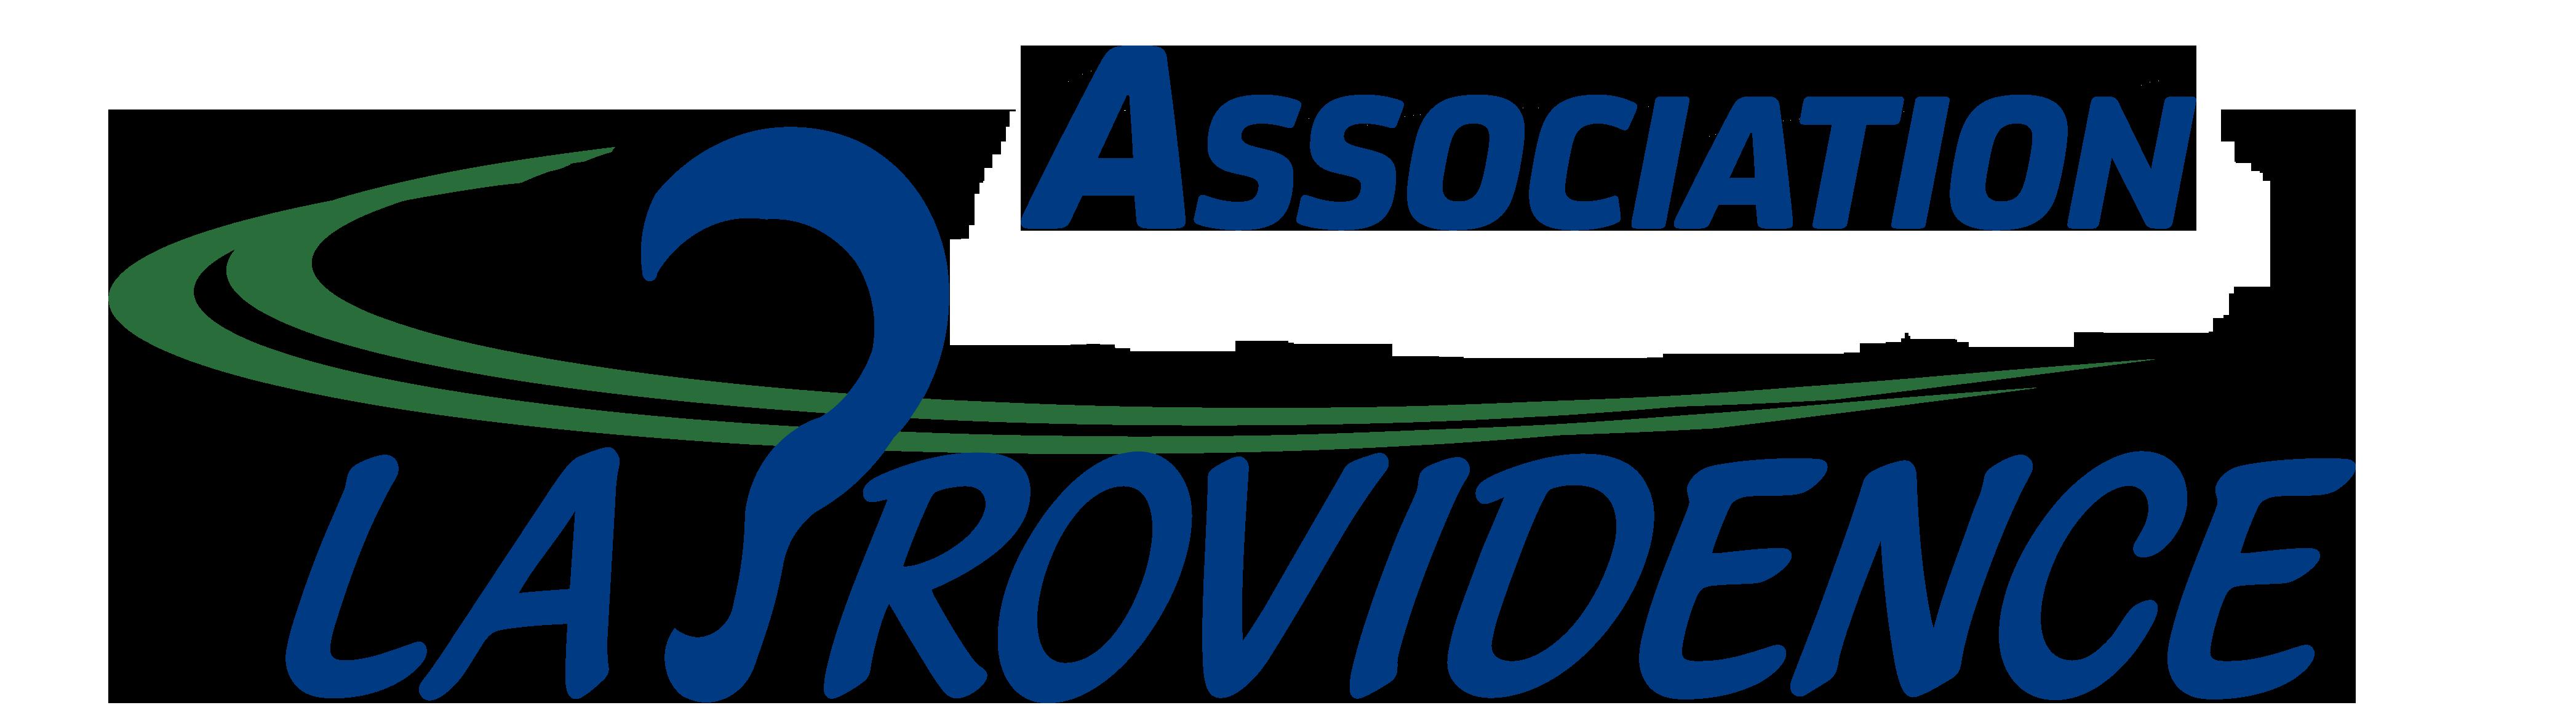 Association La Providence - La Providence